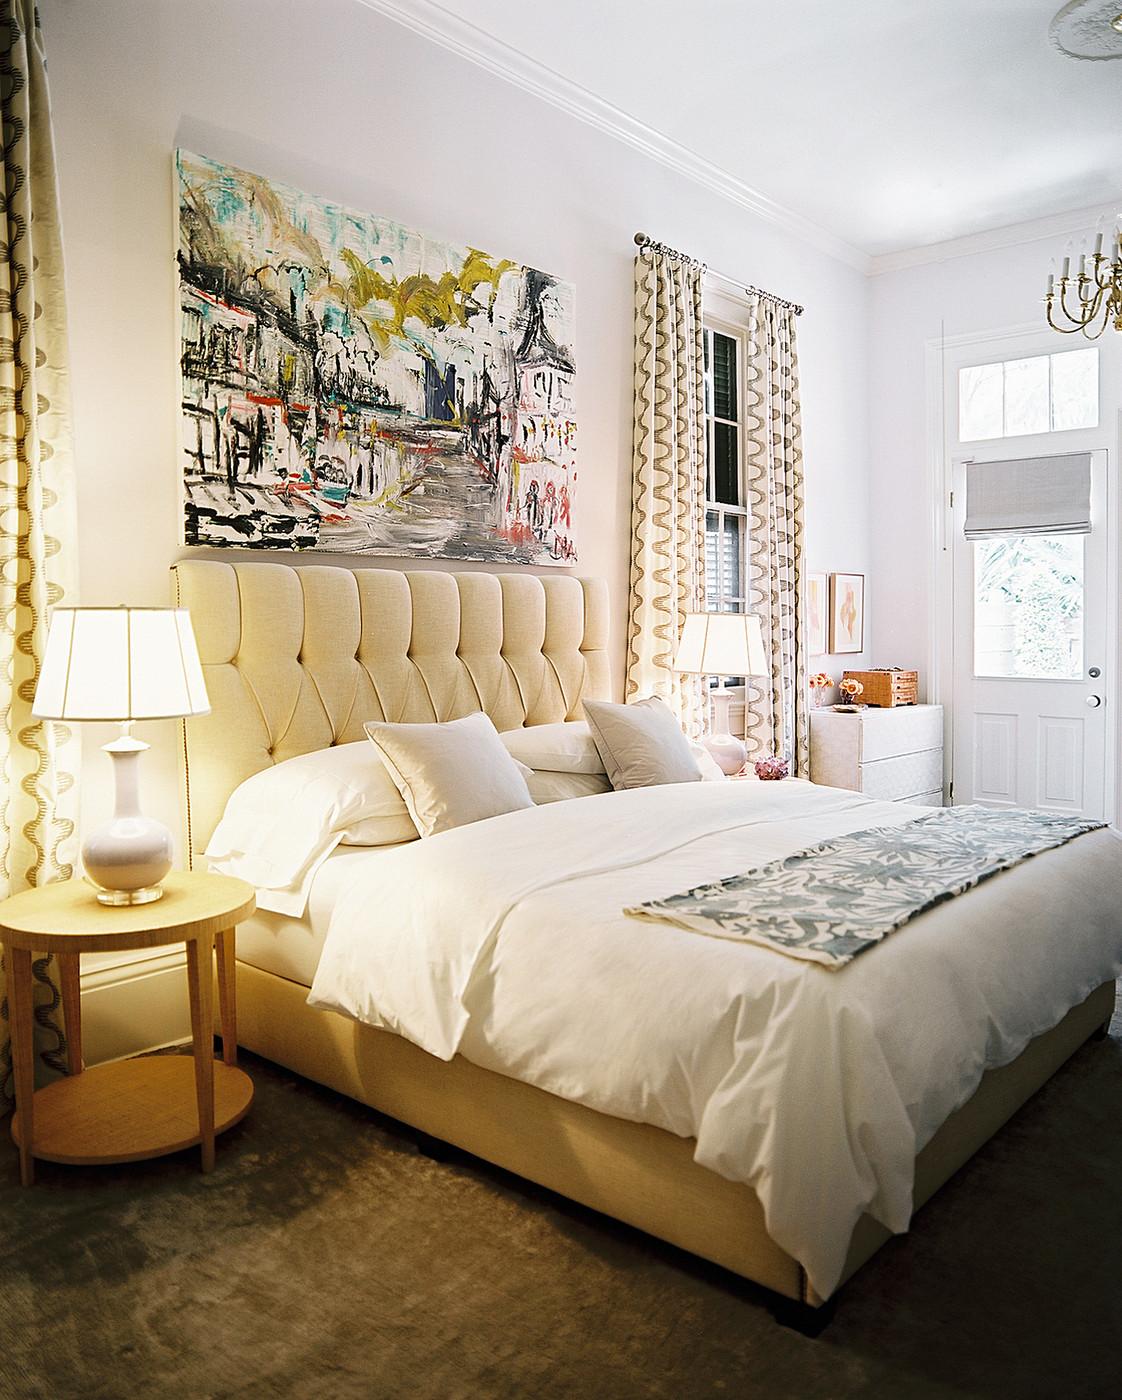 Картины над кроватью в стиле модерн